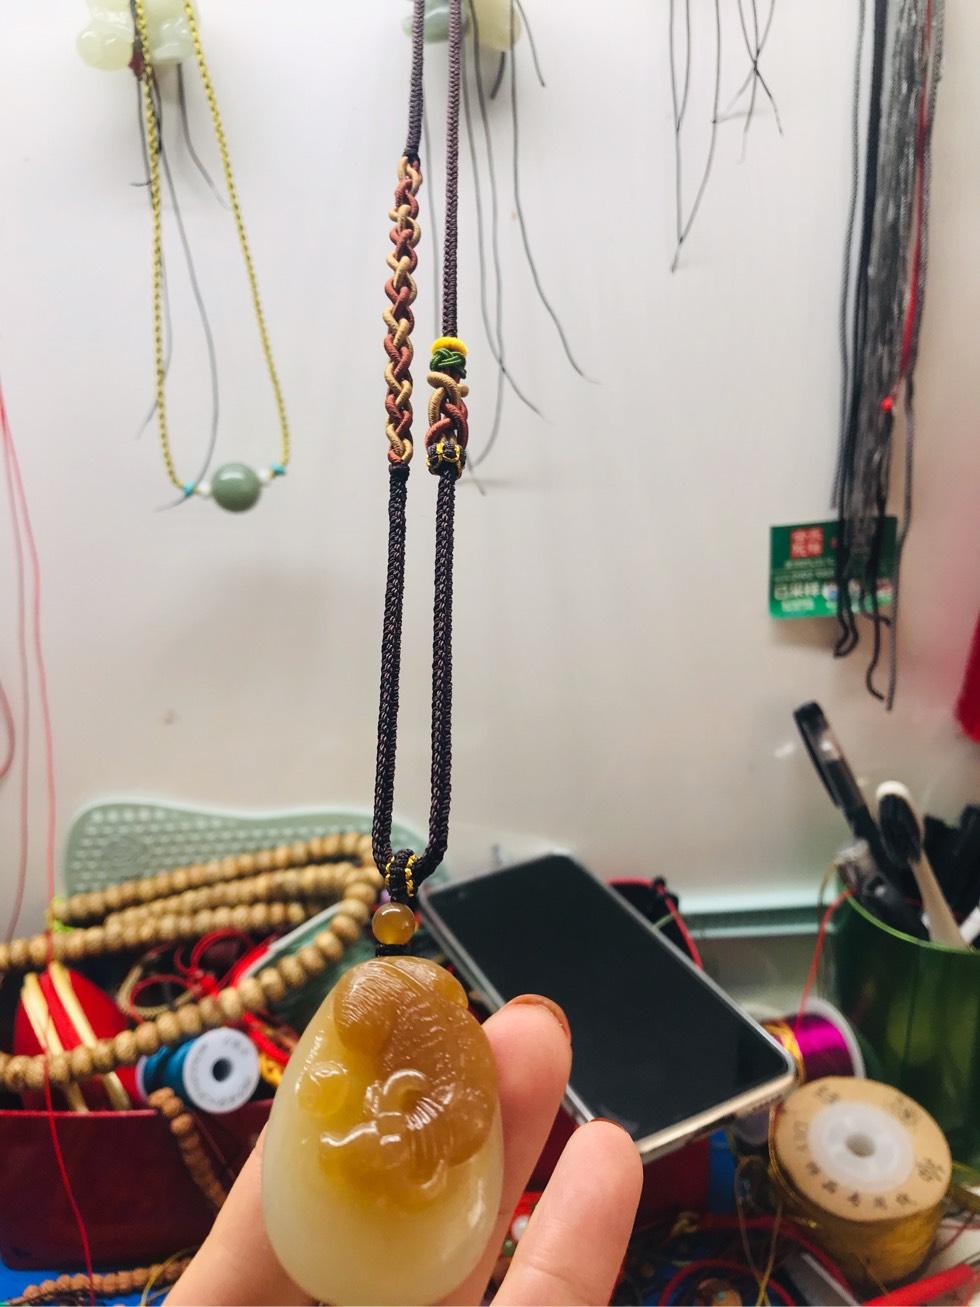 中国结论坛 多样编织 毛线帽子的编织方法,毛线编织教程,编织帽子,编织毛线帽子,毛线编织 作品展示 170418gbwmqz5kn5mbylkm